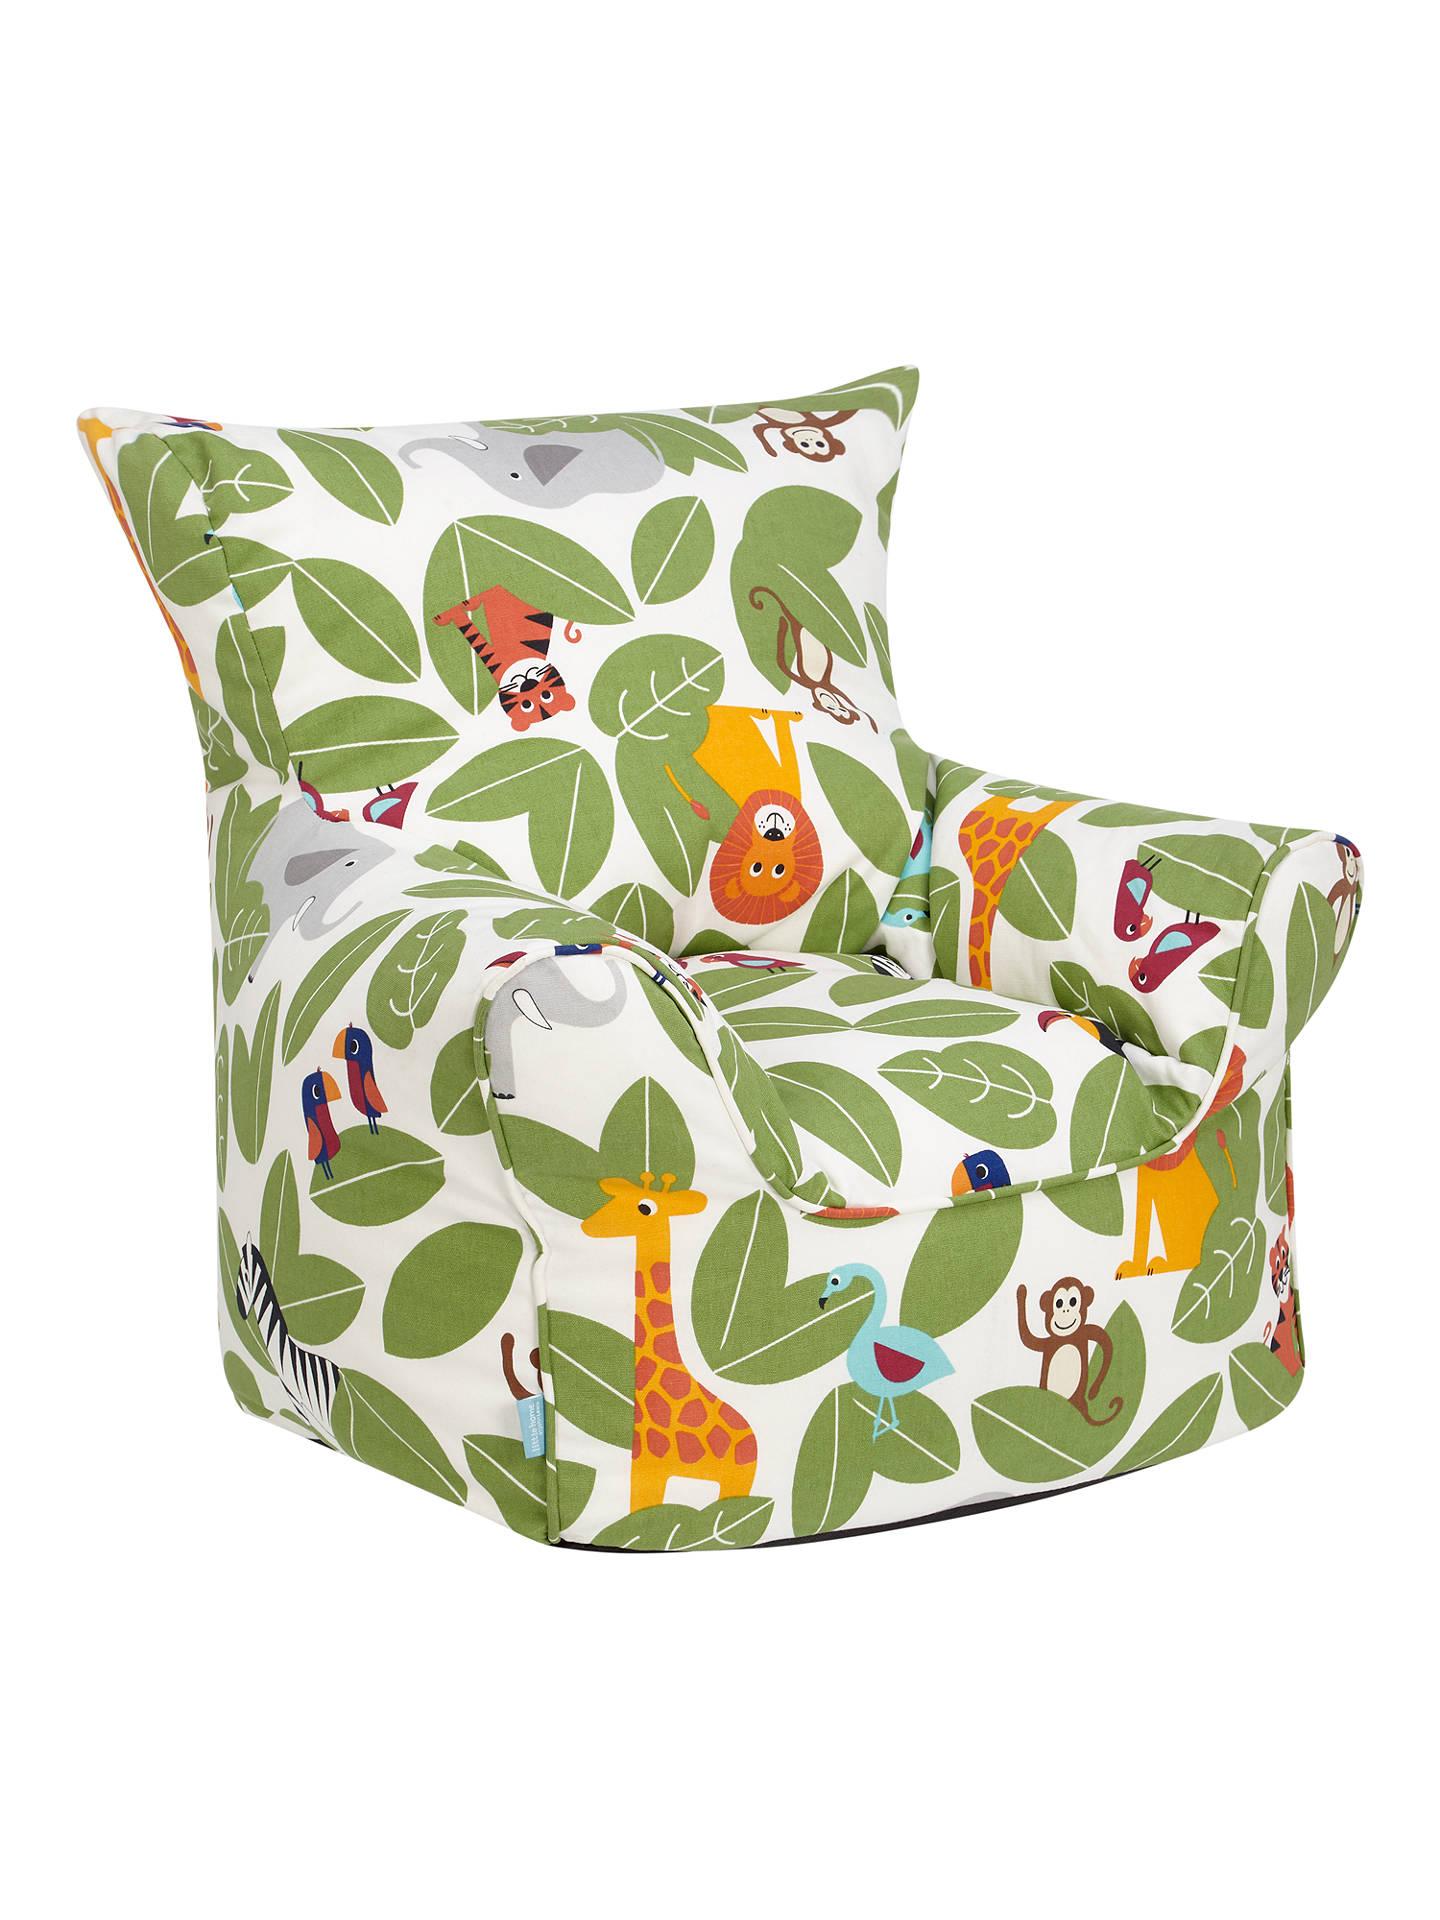 Little Home At John Lewis Animal Fun Bean Bag Chair At